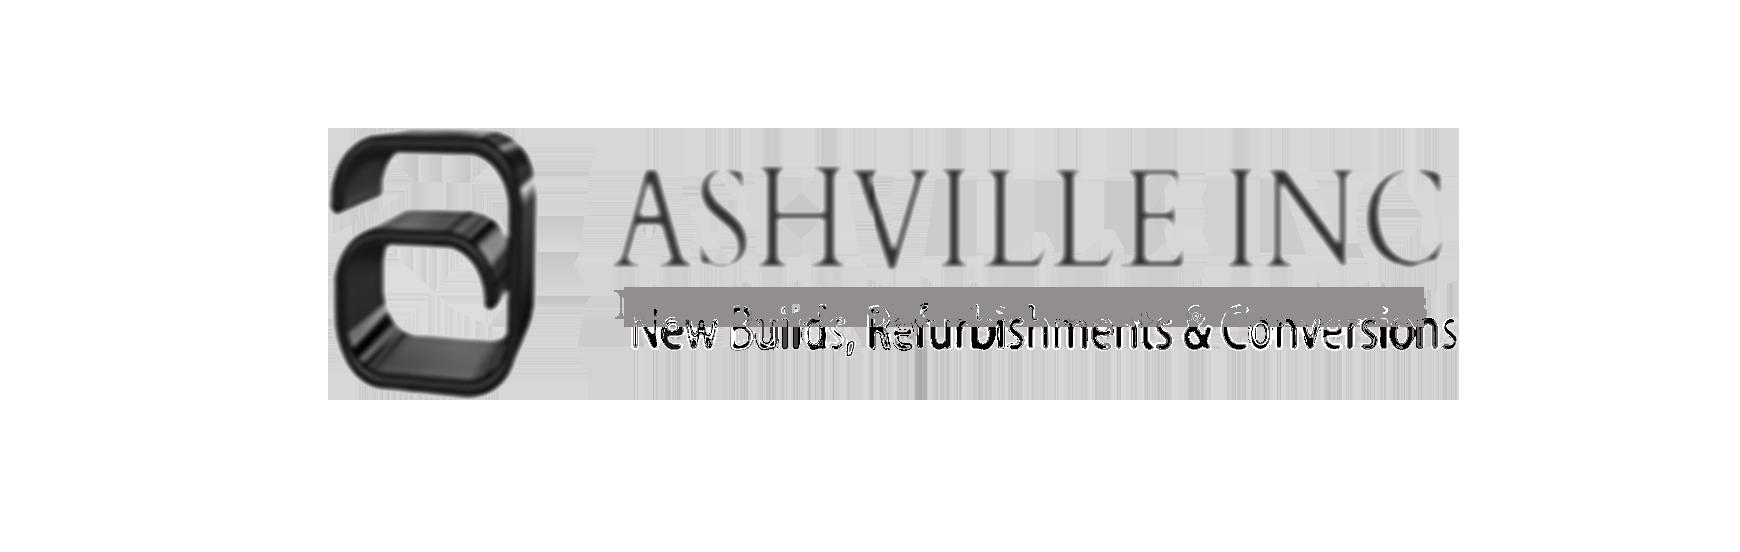 Ashville Inc